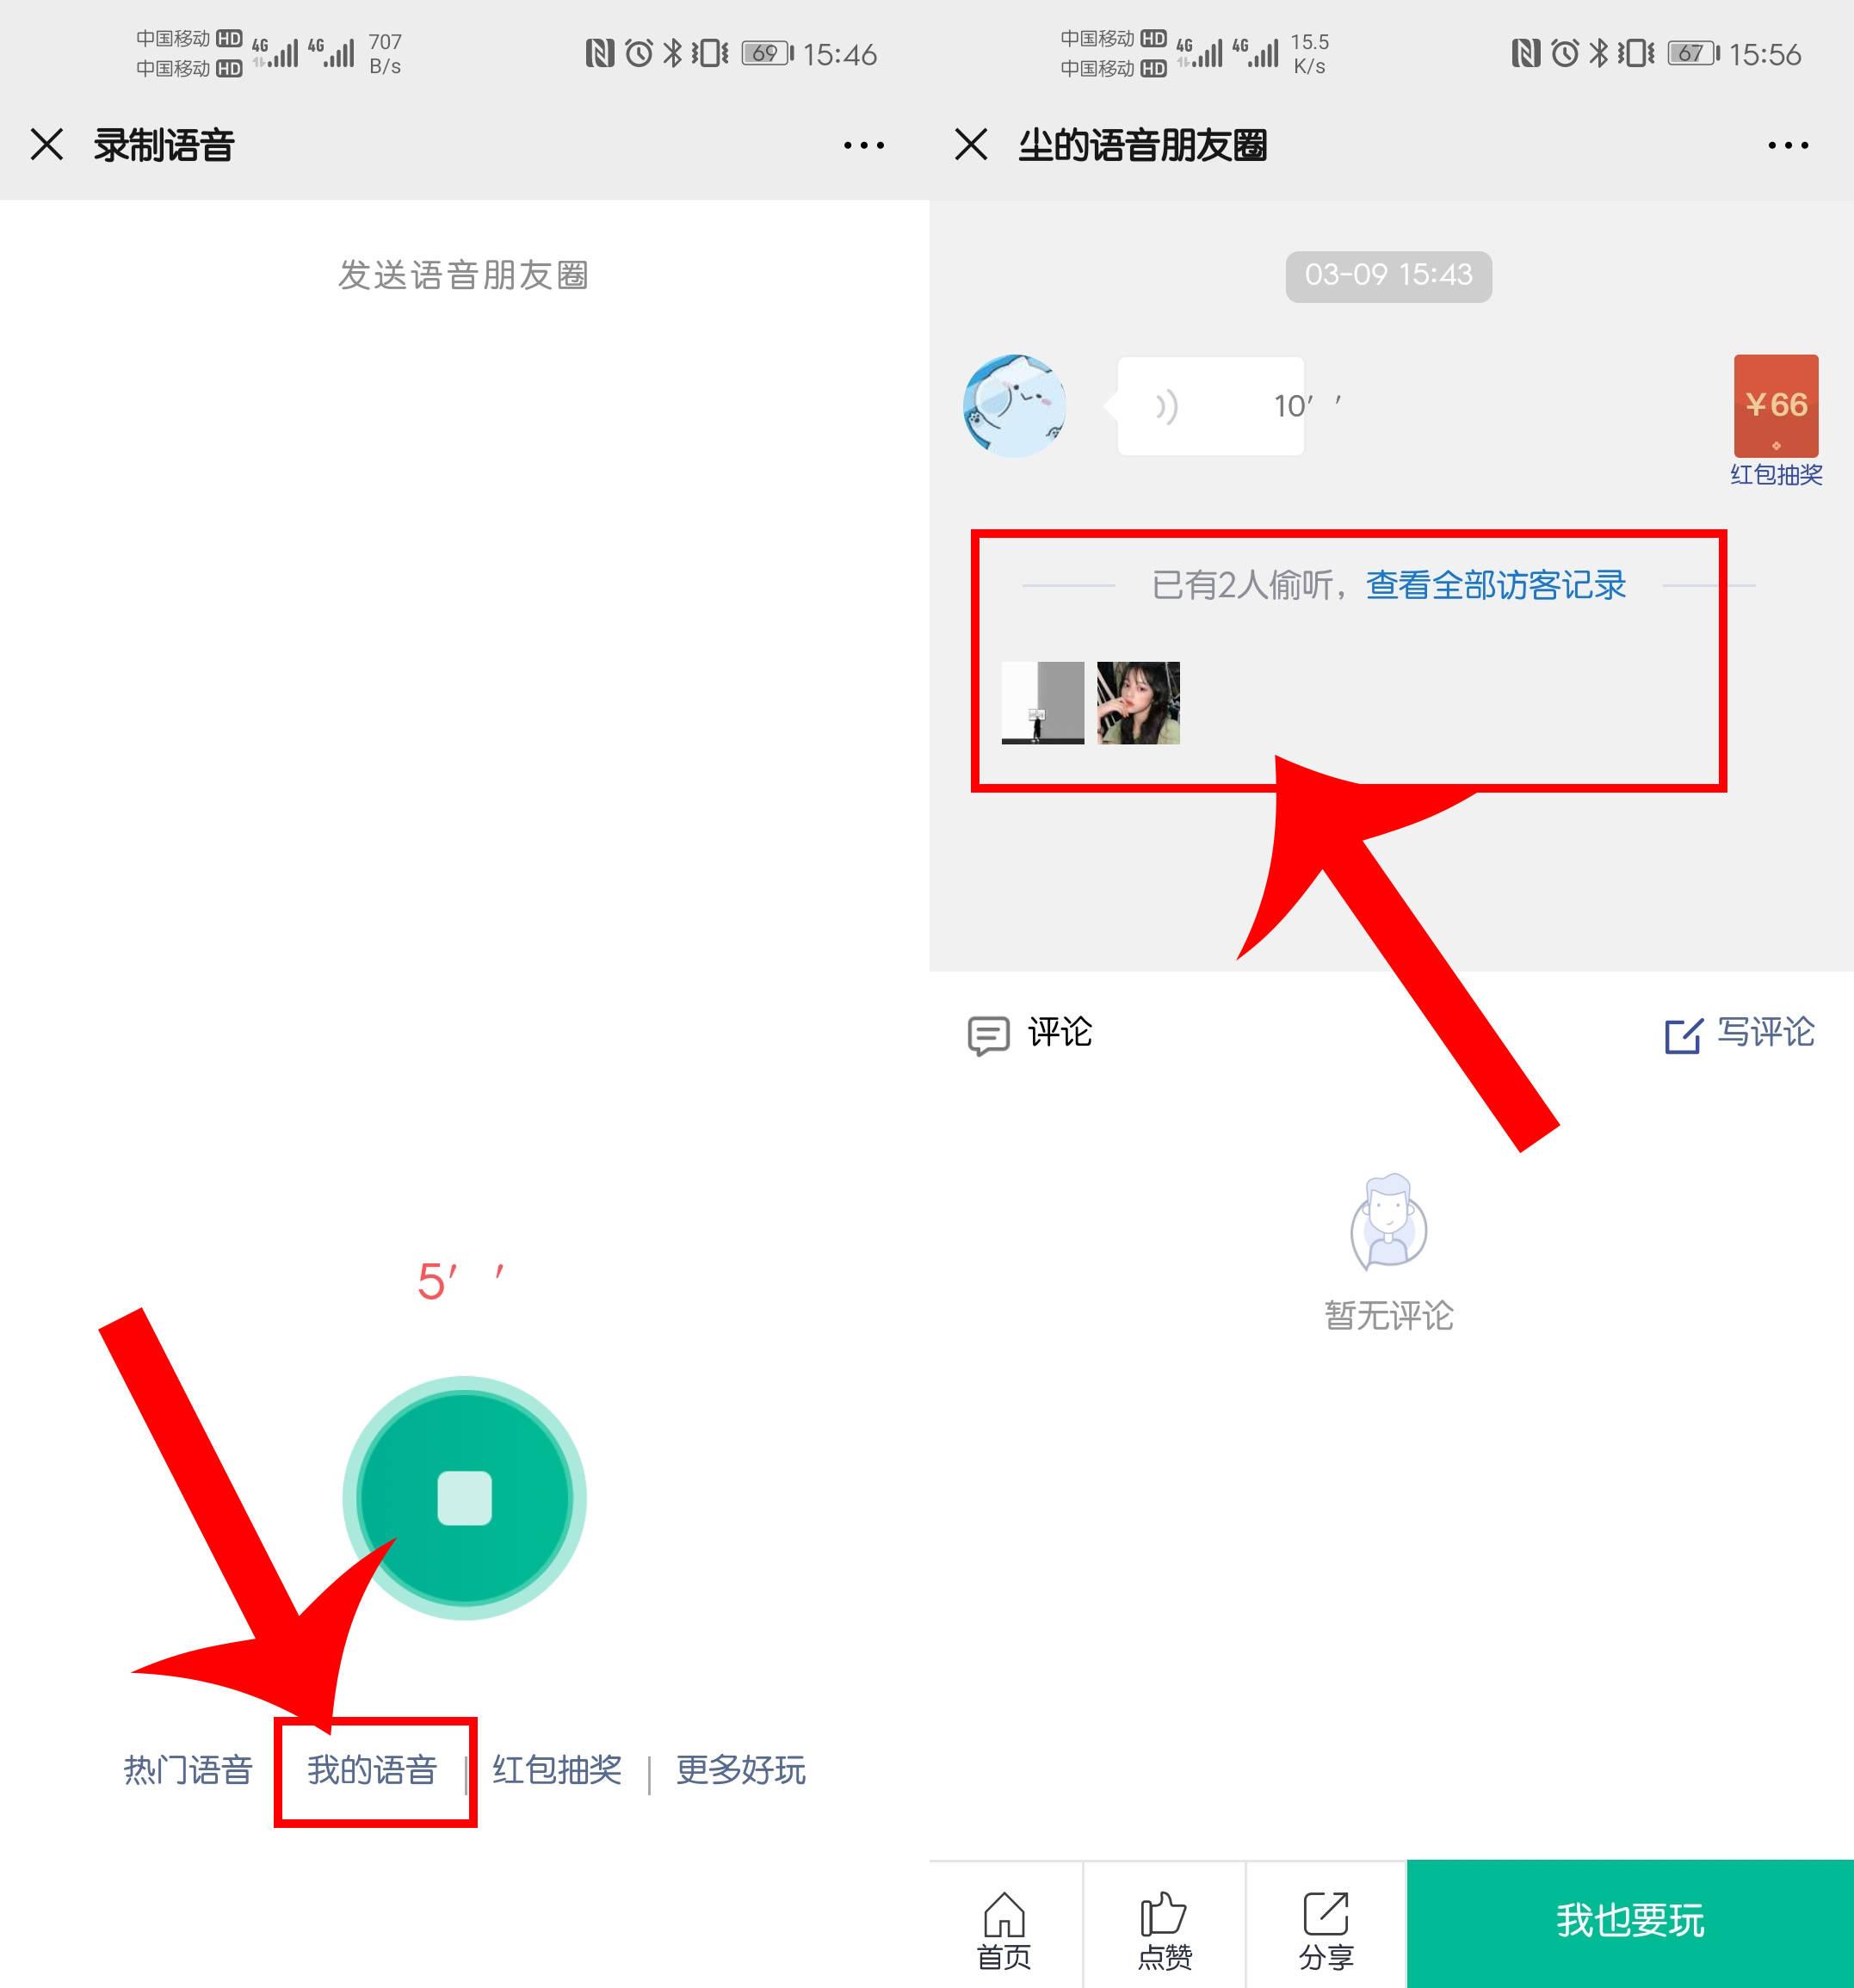 微信朋友圈怎么看访客记录(vx怎么看朋友圈访客)